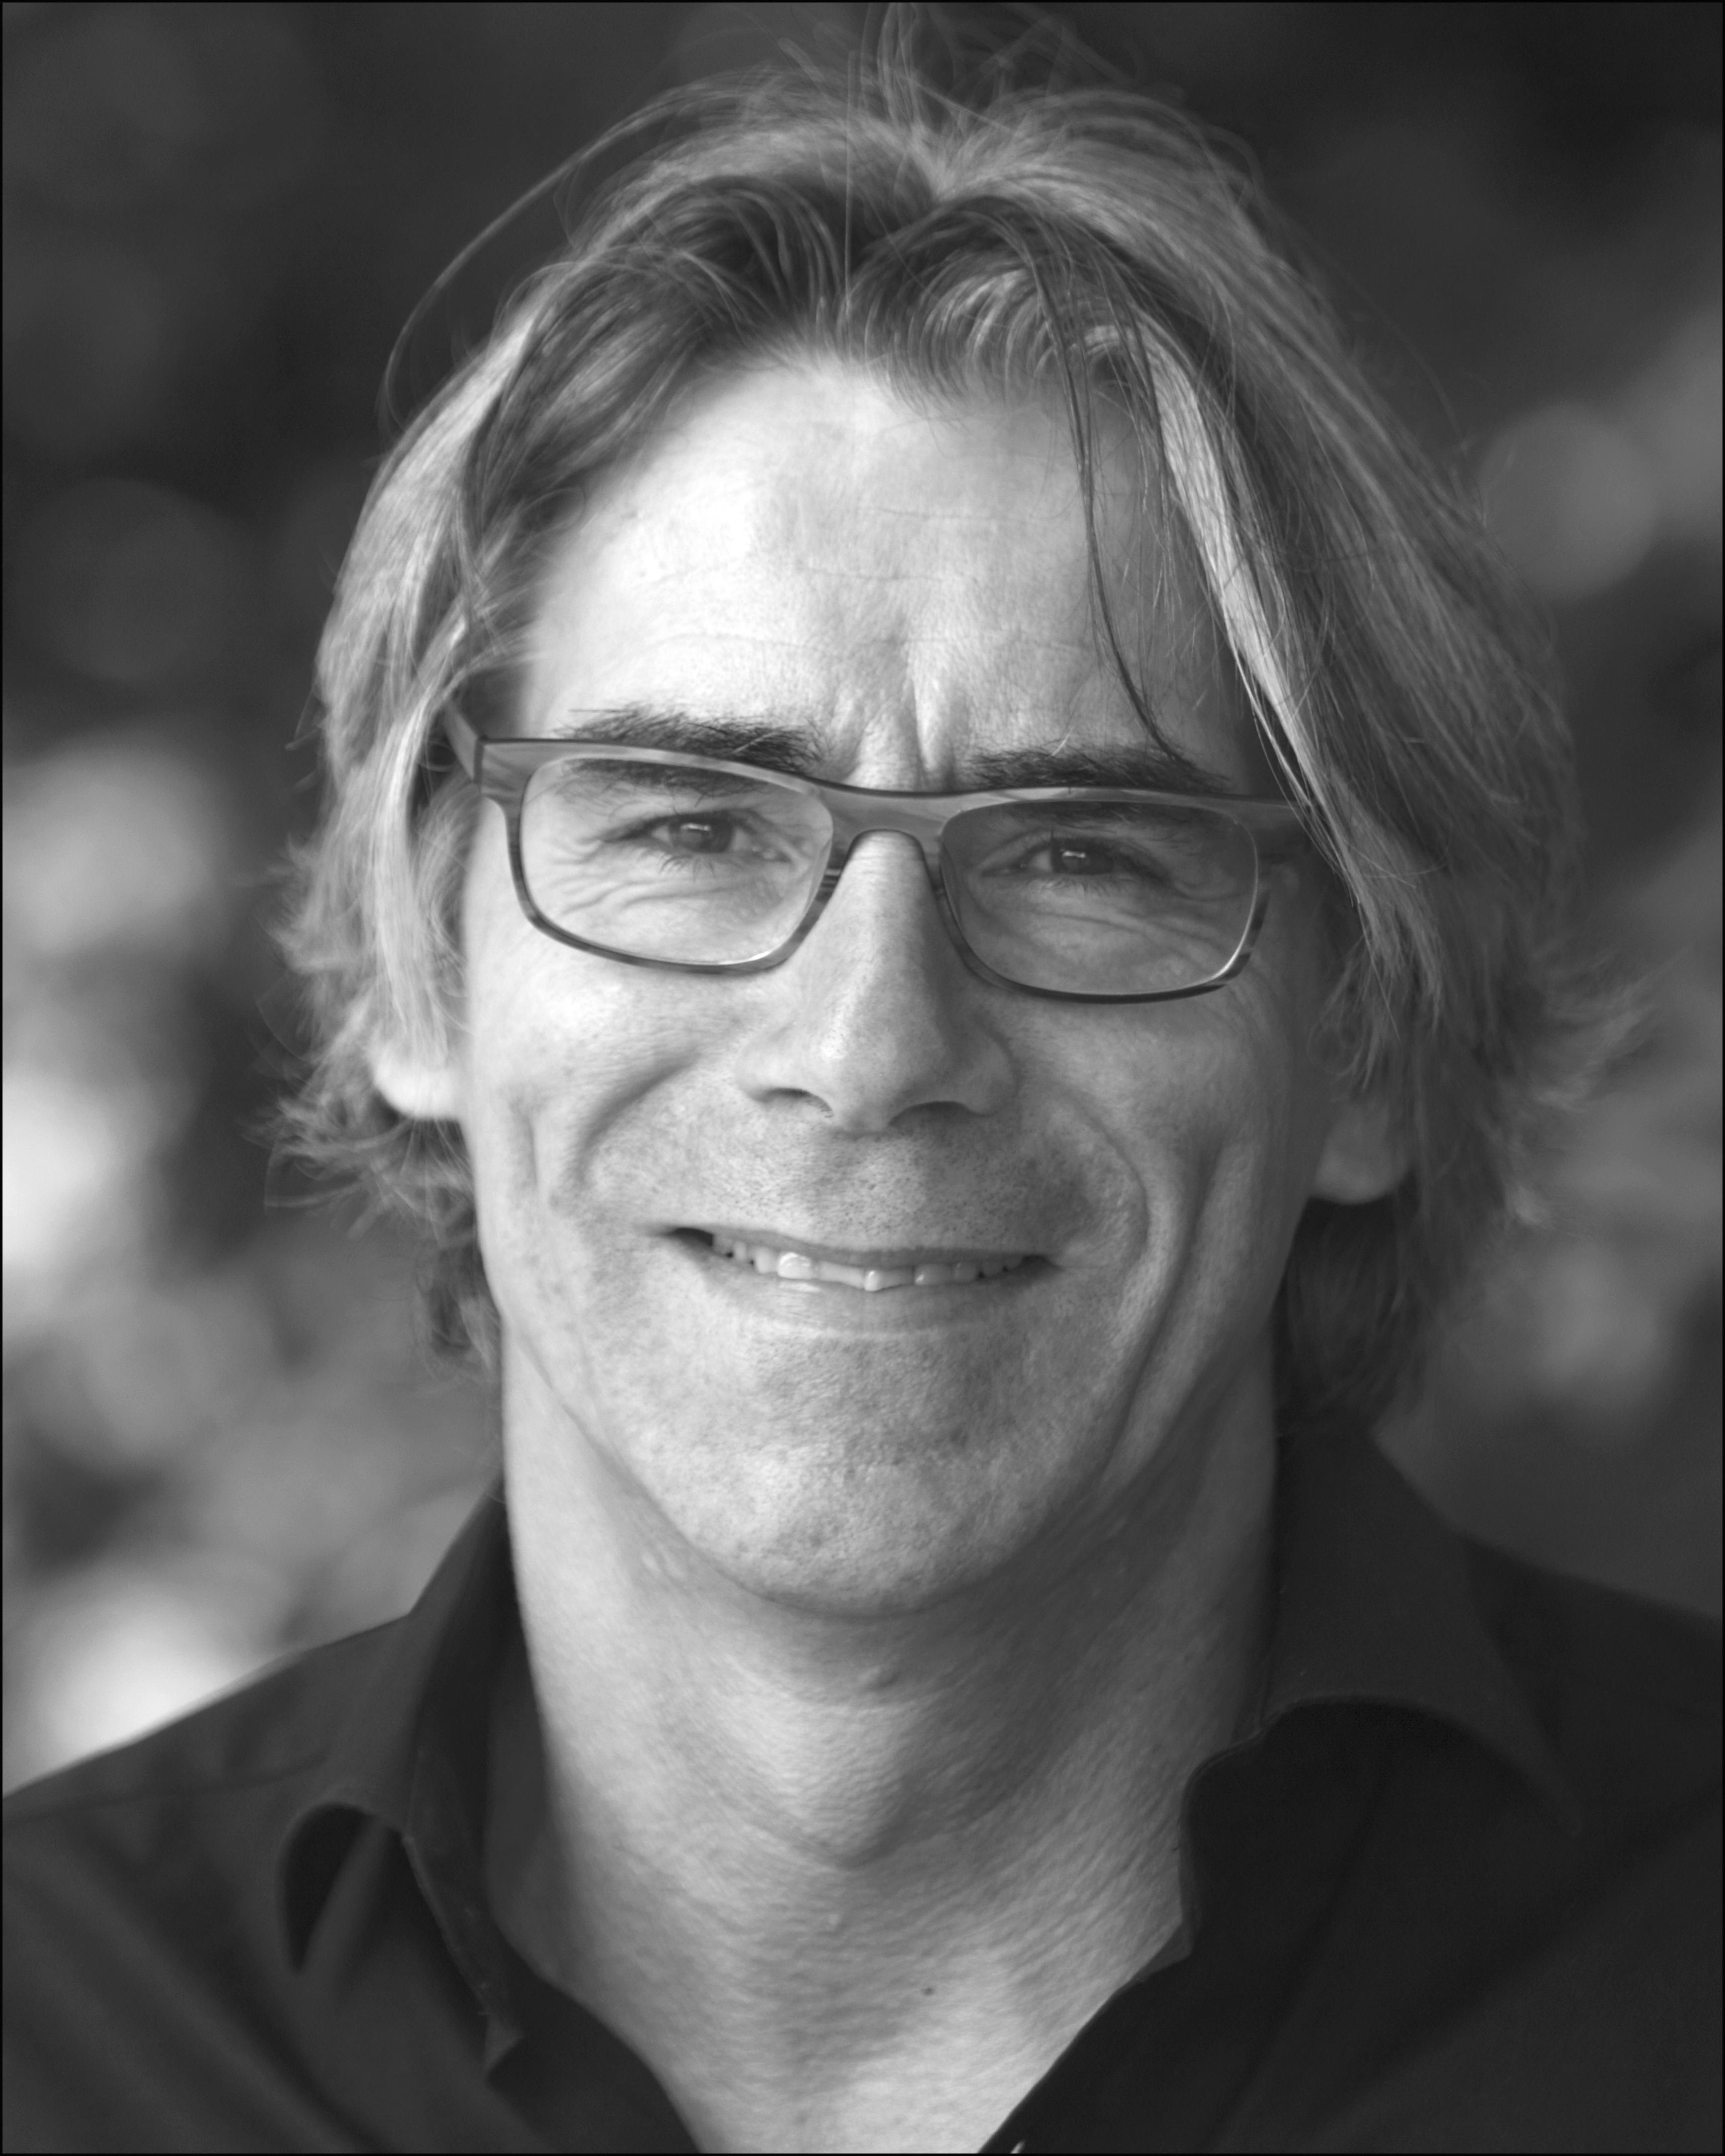 Daniel Bourdon est le président d'Avenir Sécurité, entreprise basée à Rennes. © Avenir Sécurité